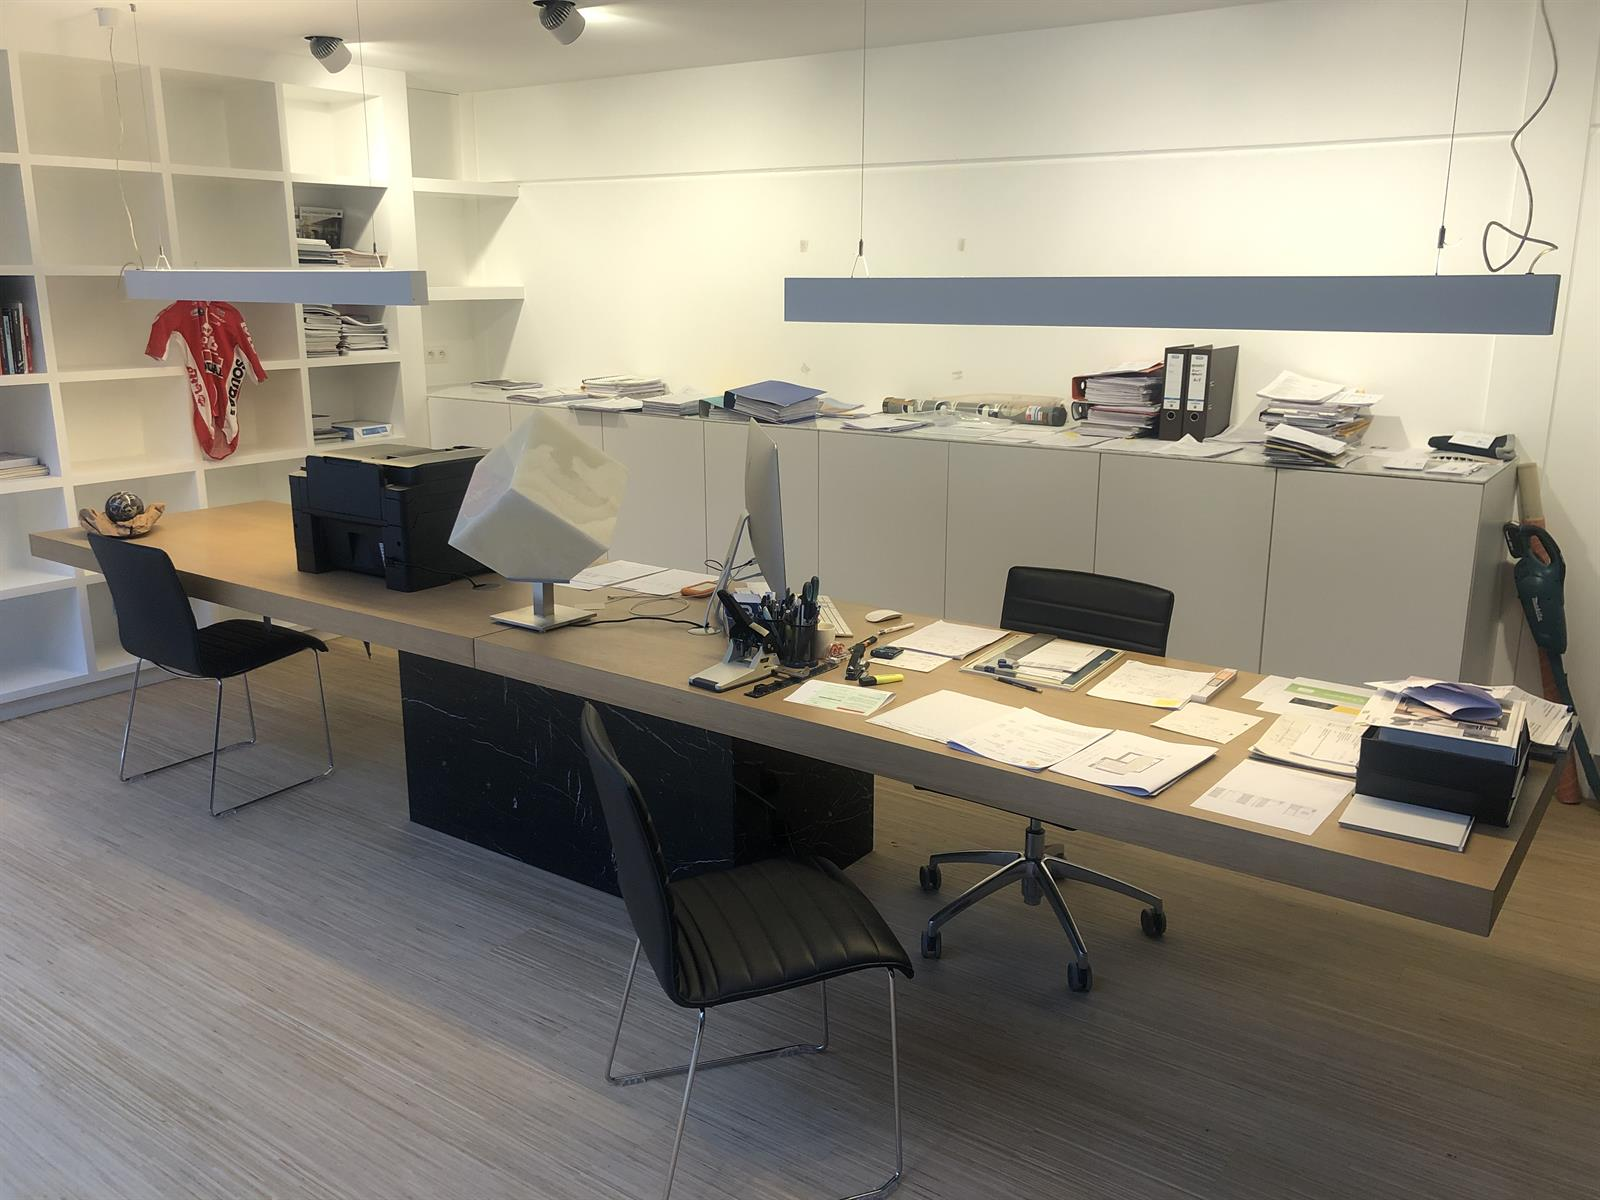 KMO-unit te koop I124 - Schoenstraat 11 K, 9140 Temse, België 9